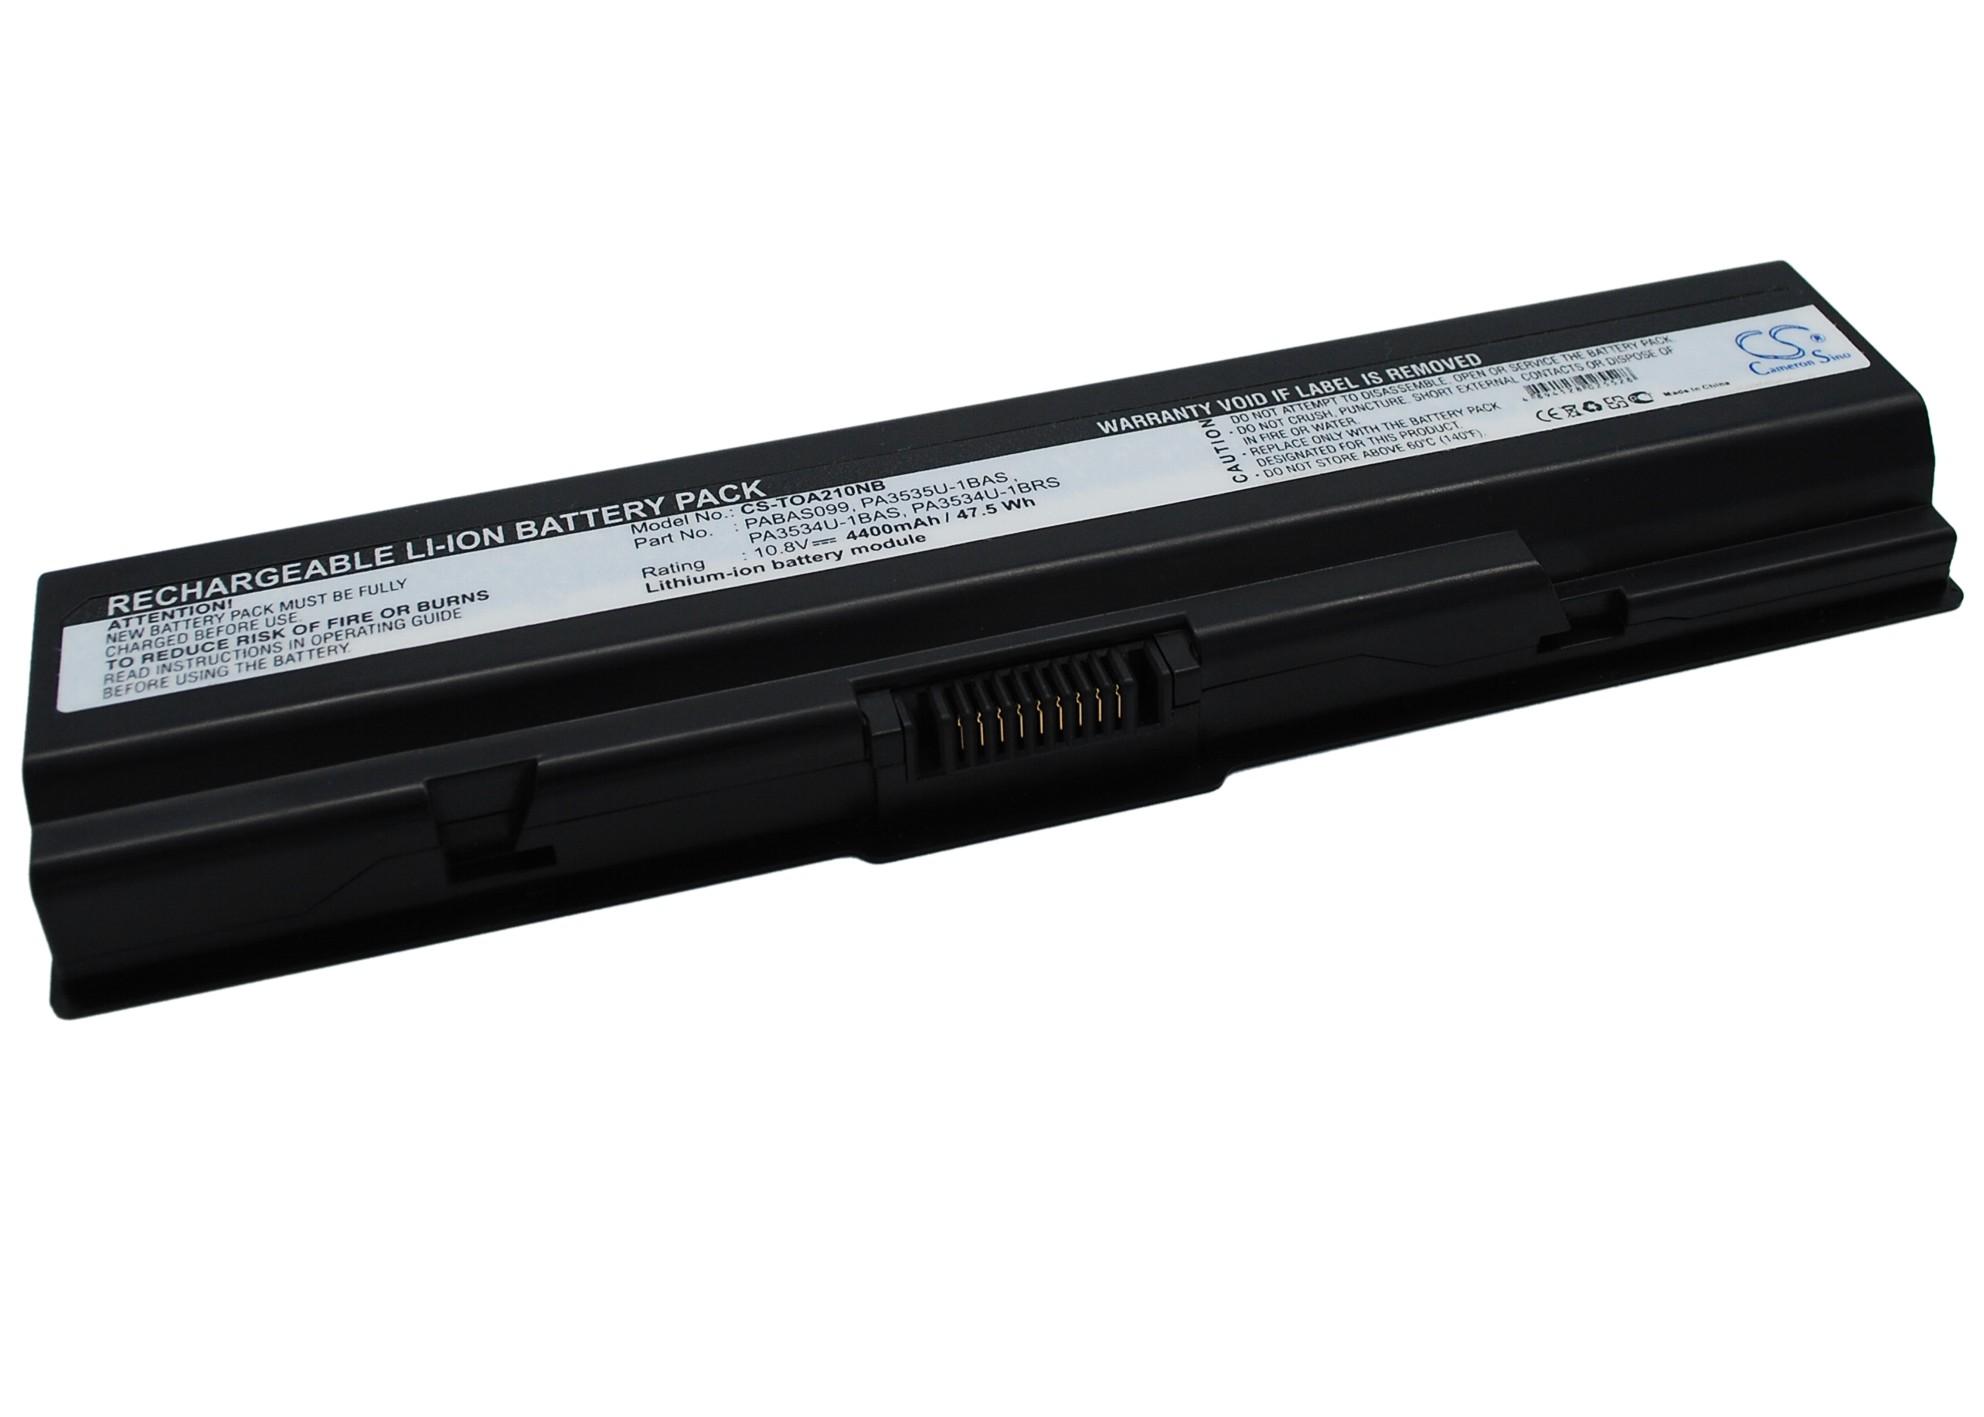 Cameron Sino baterie do notebooků pro TOSHIBA Satellite L505-ES5016 10.8V Li-ion 4400mAh černá - neoriginální